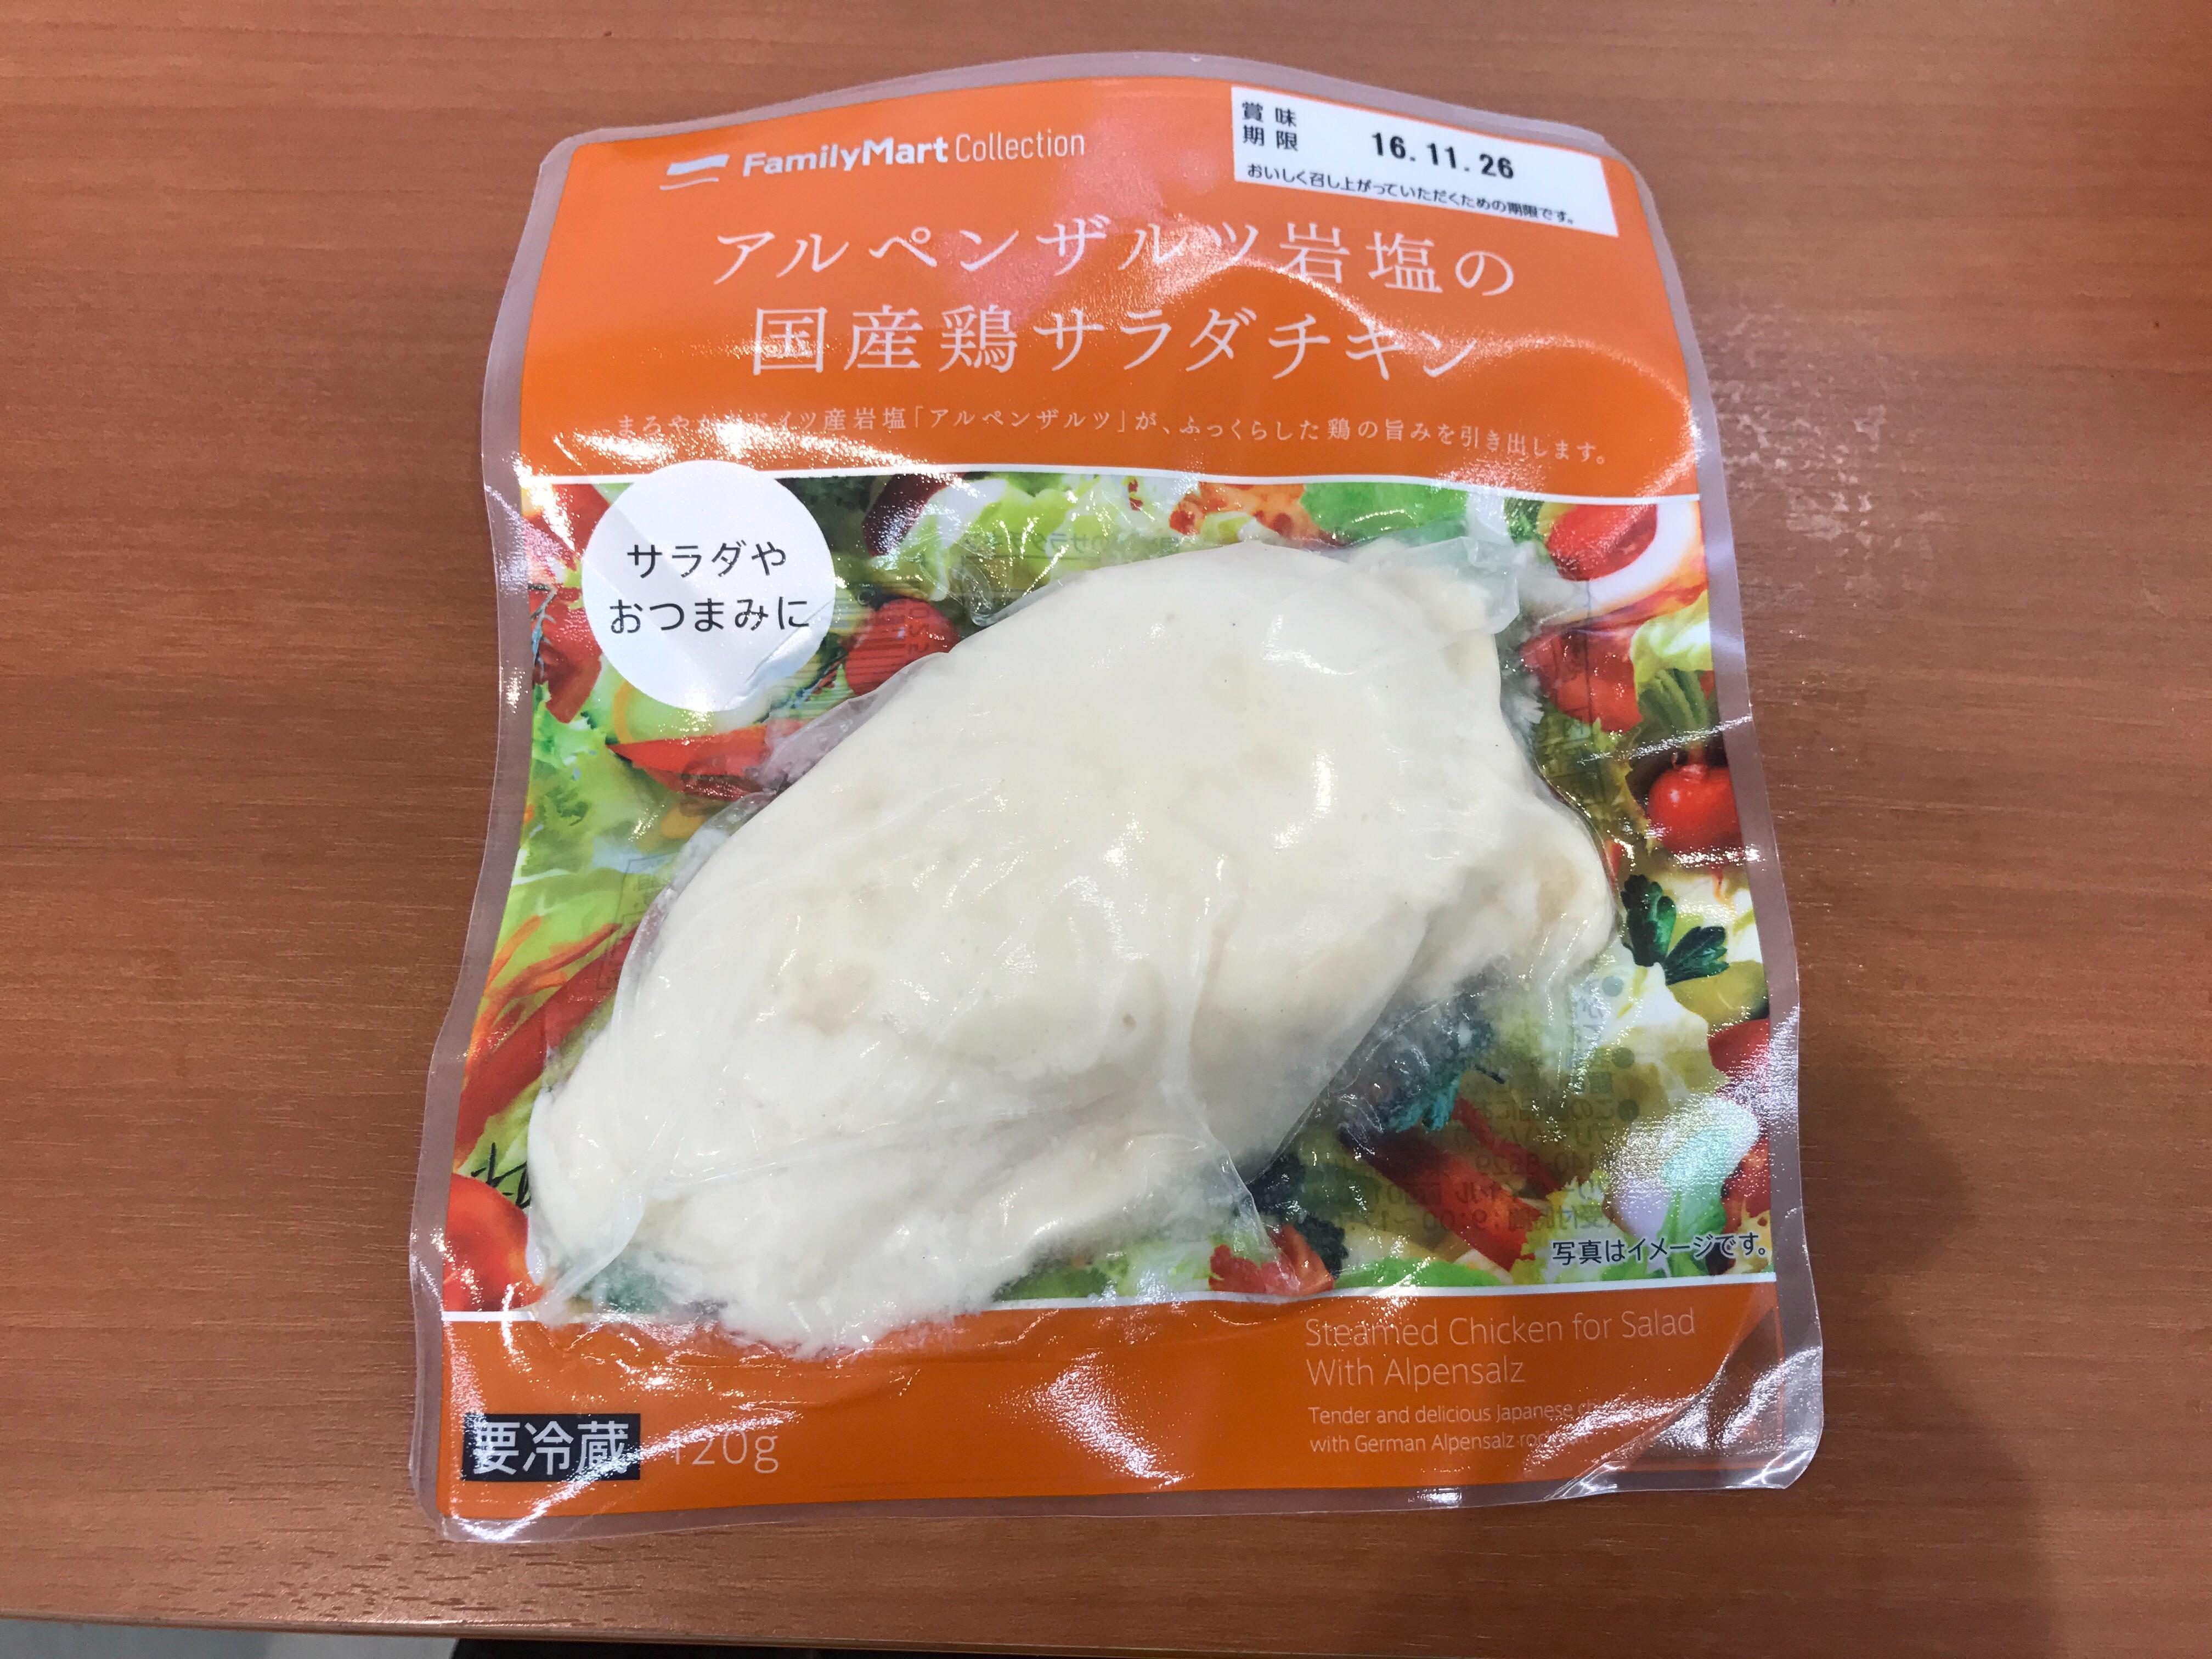 アルペンザルツ岩塩の国産鶏サラダチキン